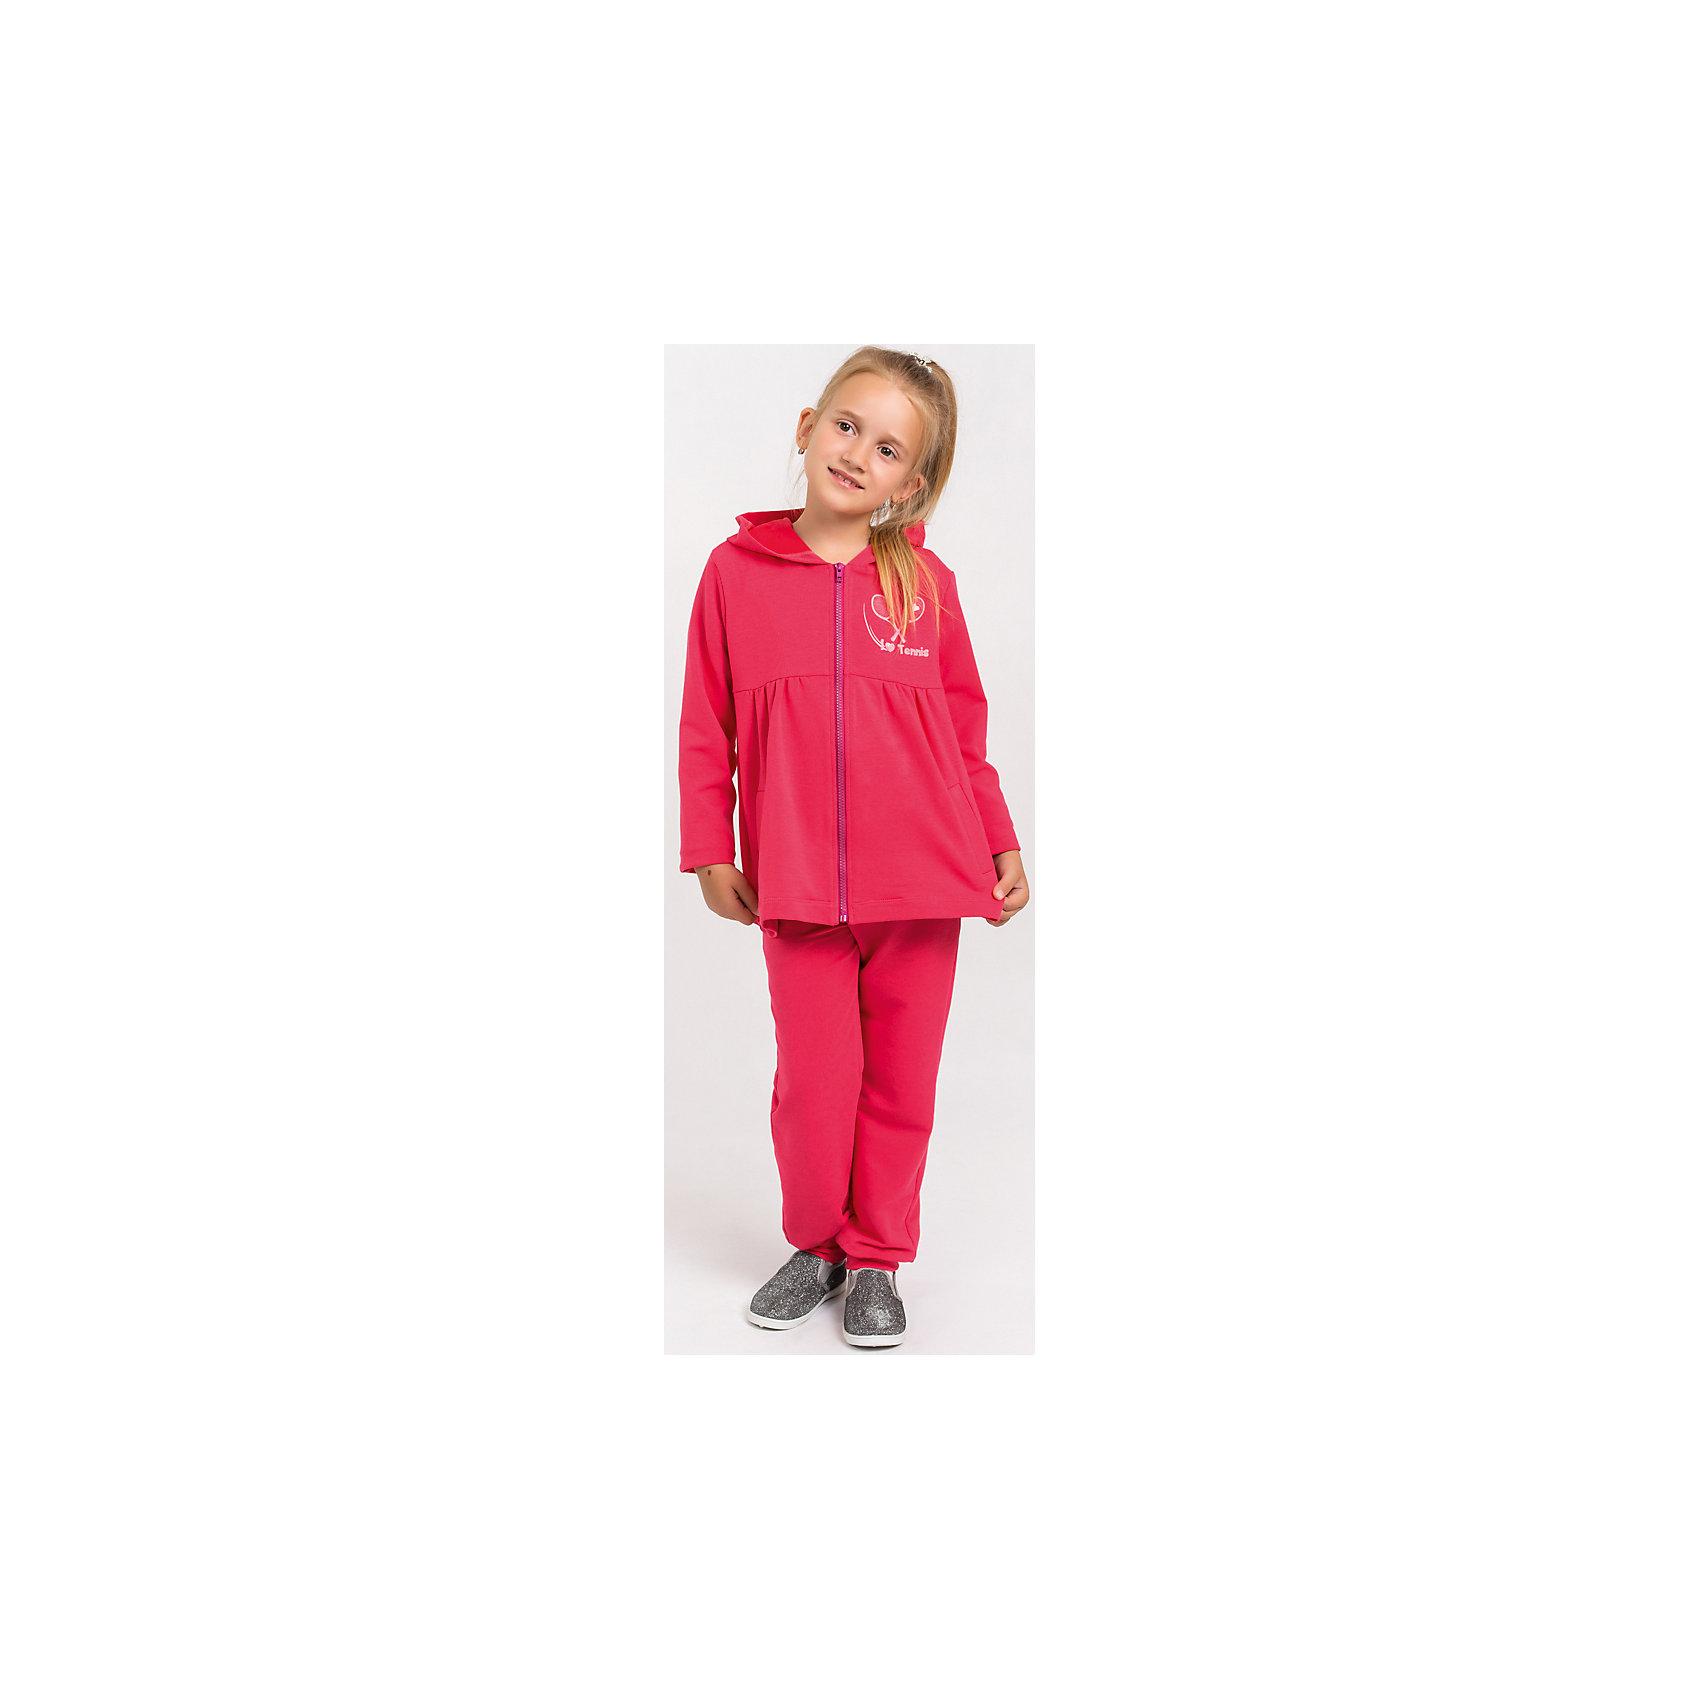 Спортивный костюм для девочкиСпортивный костюм для девочки от белорусской марки Goldy. Костюм состоит из толстовки с капюшоном и брюк с манжетами.<br>Состав:<br>футер компакт пенье (70% хлопок, 26% ПЭ, 4% лайкра)<br><br>Ширина мм: 247<br>Глубина мм: 16<br>Высота мм: 140<br>Вес г: 225<br>Цвет: розовый<br>Возраст от месяцев: 36<br>Возраст до месяцев: 48<br>Пол: Женский<br>Возраст: Детский<br>Размер: 104,98,92,122,116,110<br>SKU: 4921222